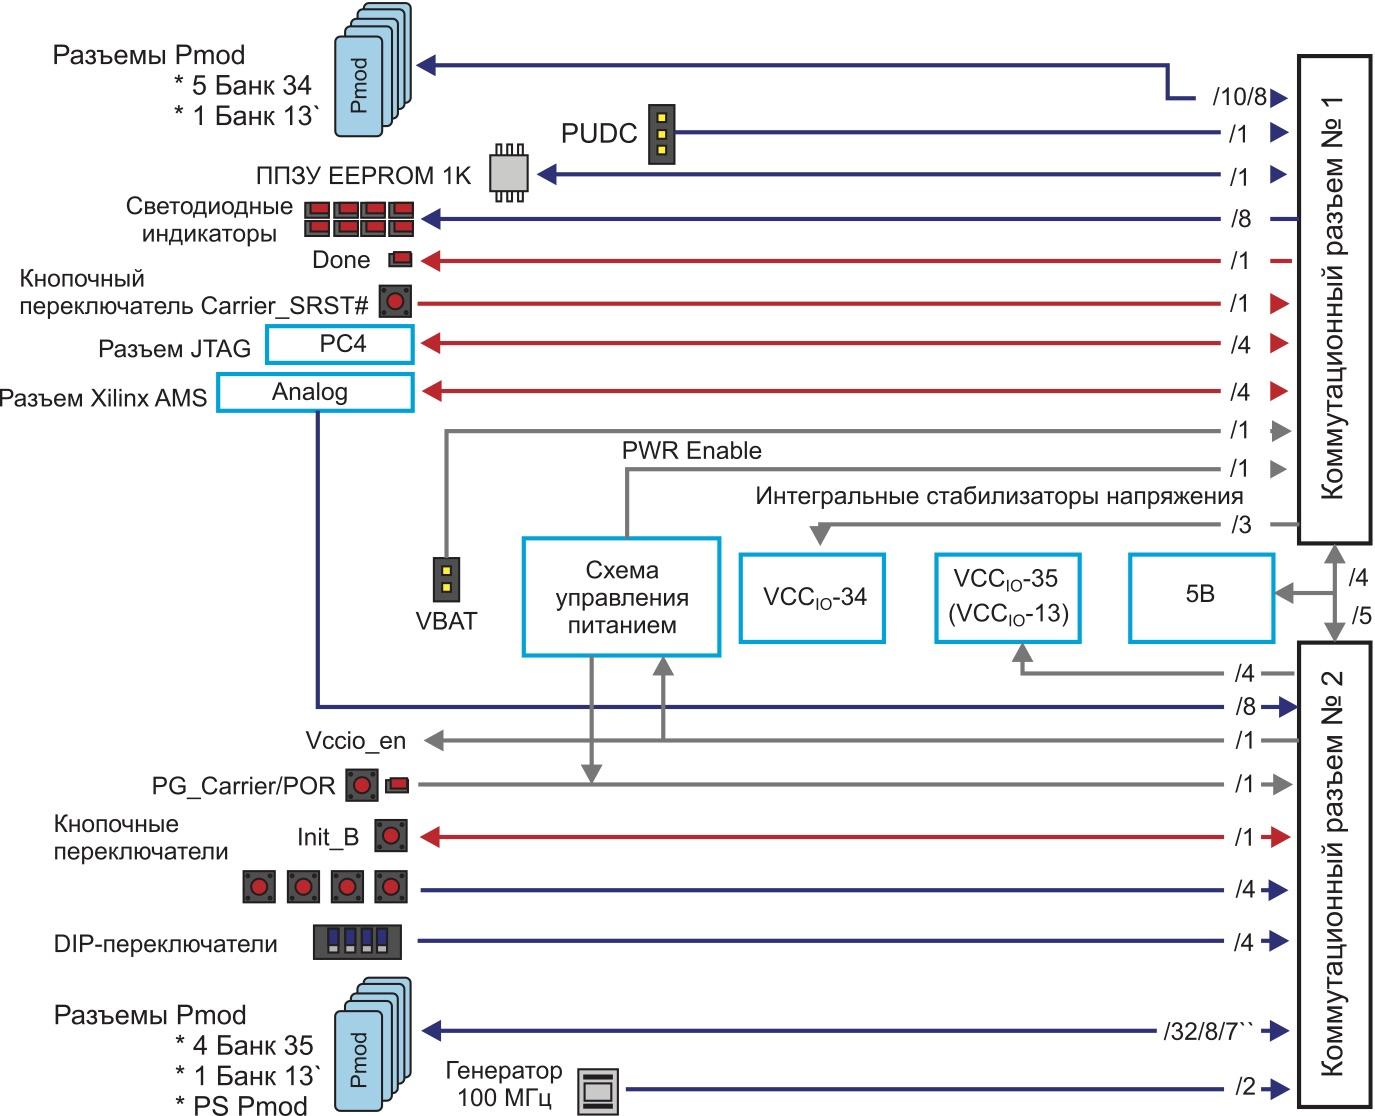 Структурное представление архитектуры базовой платы ввода/вывода I/O Carrier Card